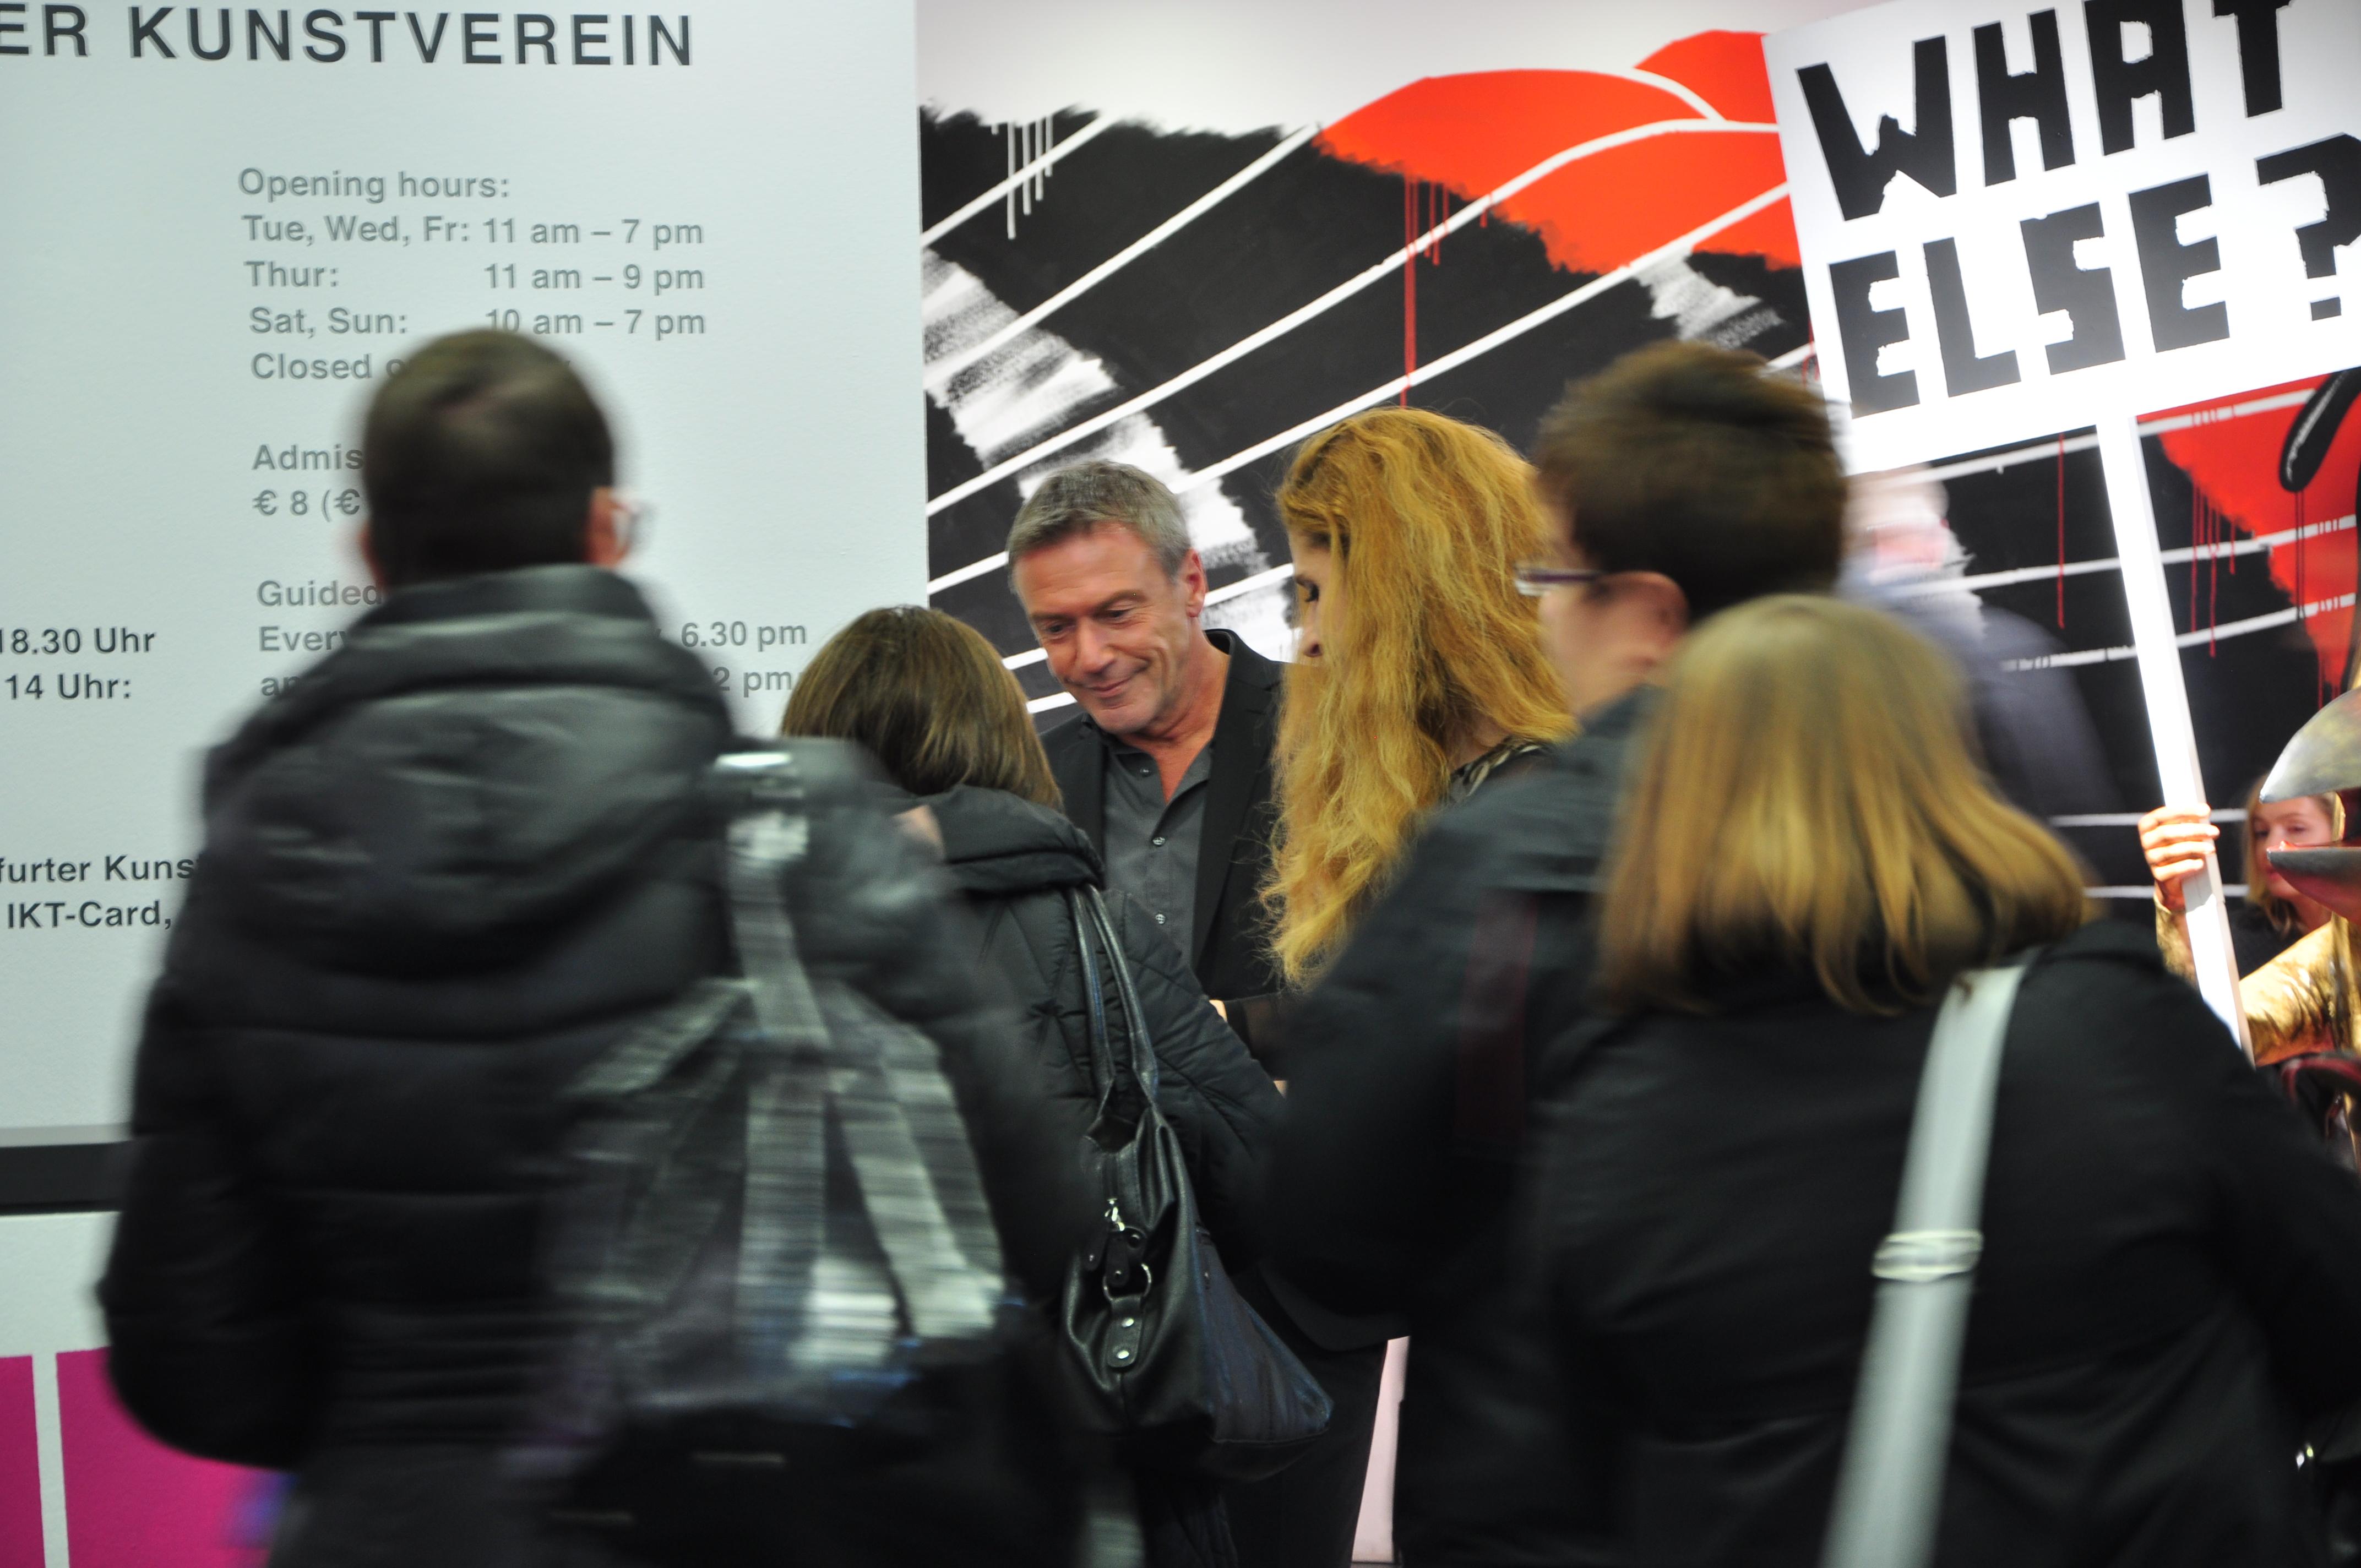 Arno Strobel mit seiner Kollegin Ursula Posznanski bei der Signierstunde im Oktober in Frankfurt.